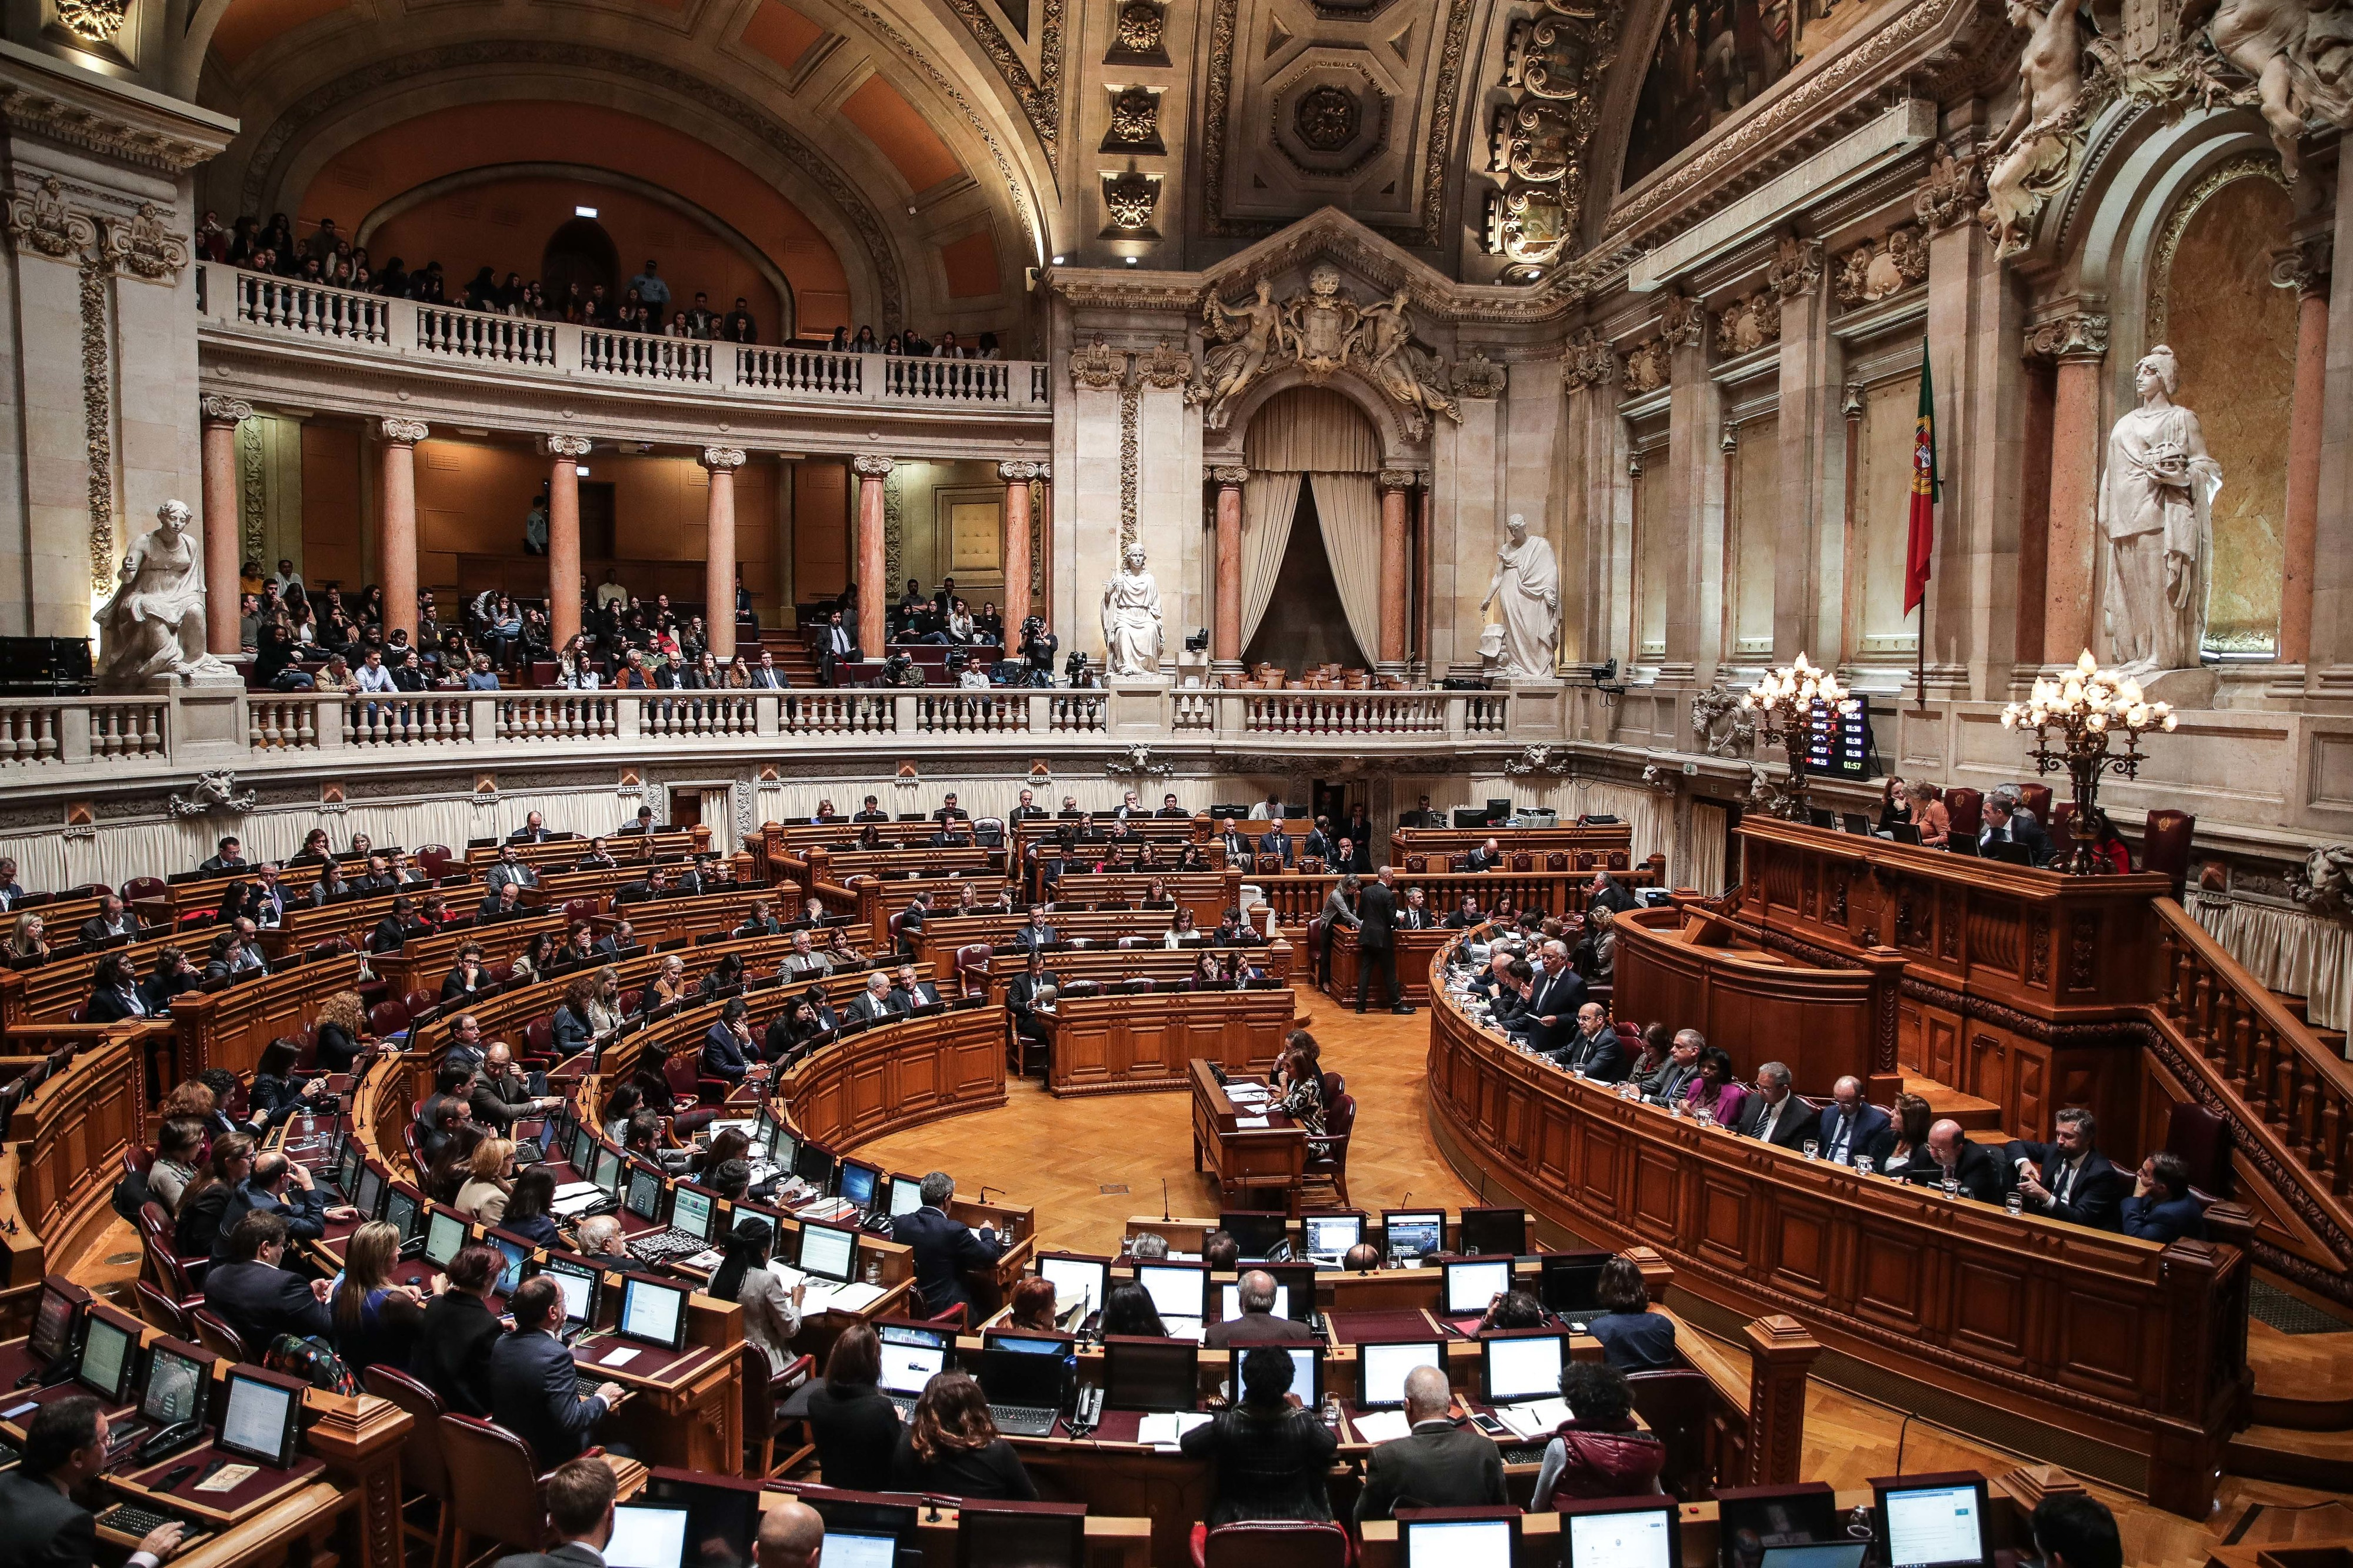 Corrupção: Petição entregue no parlamento pede uma Estratégia Nacional